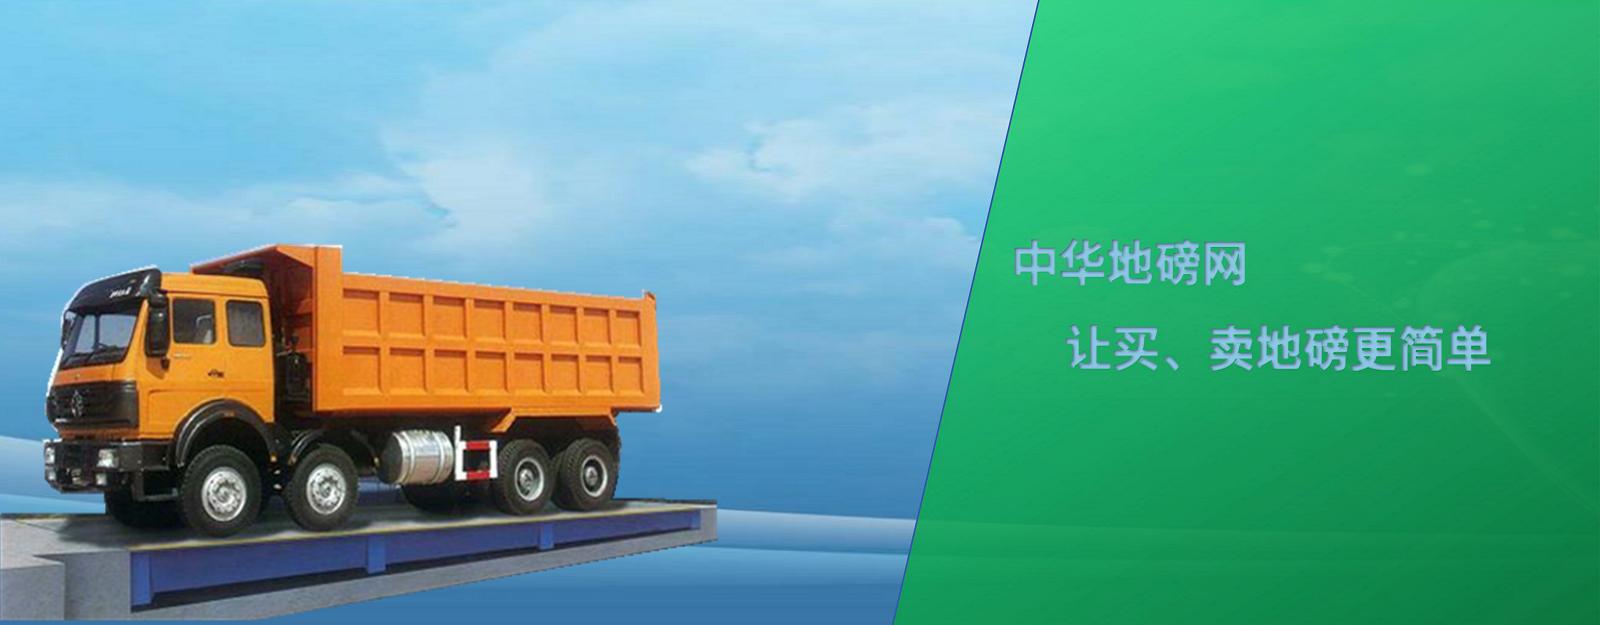 东莞市科杰软件系统有限公司